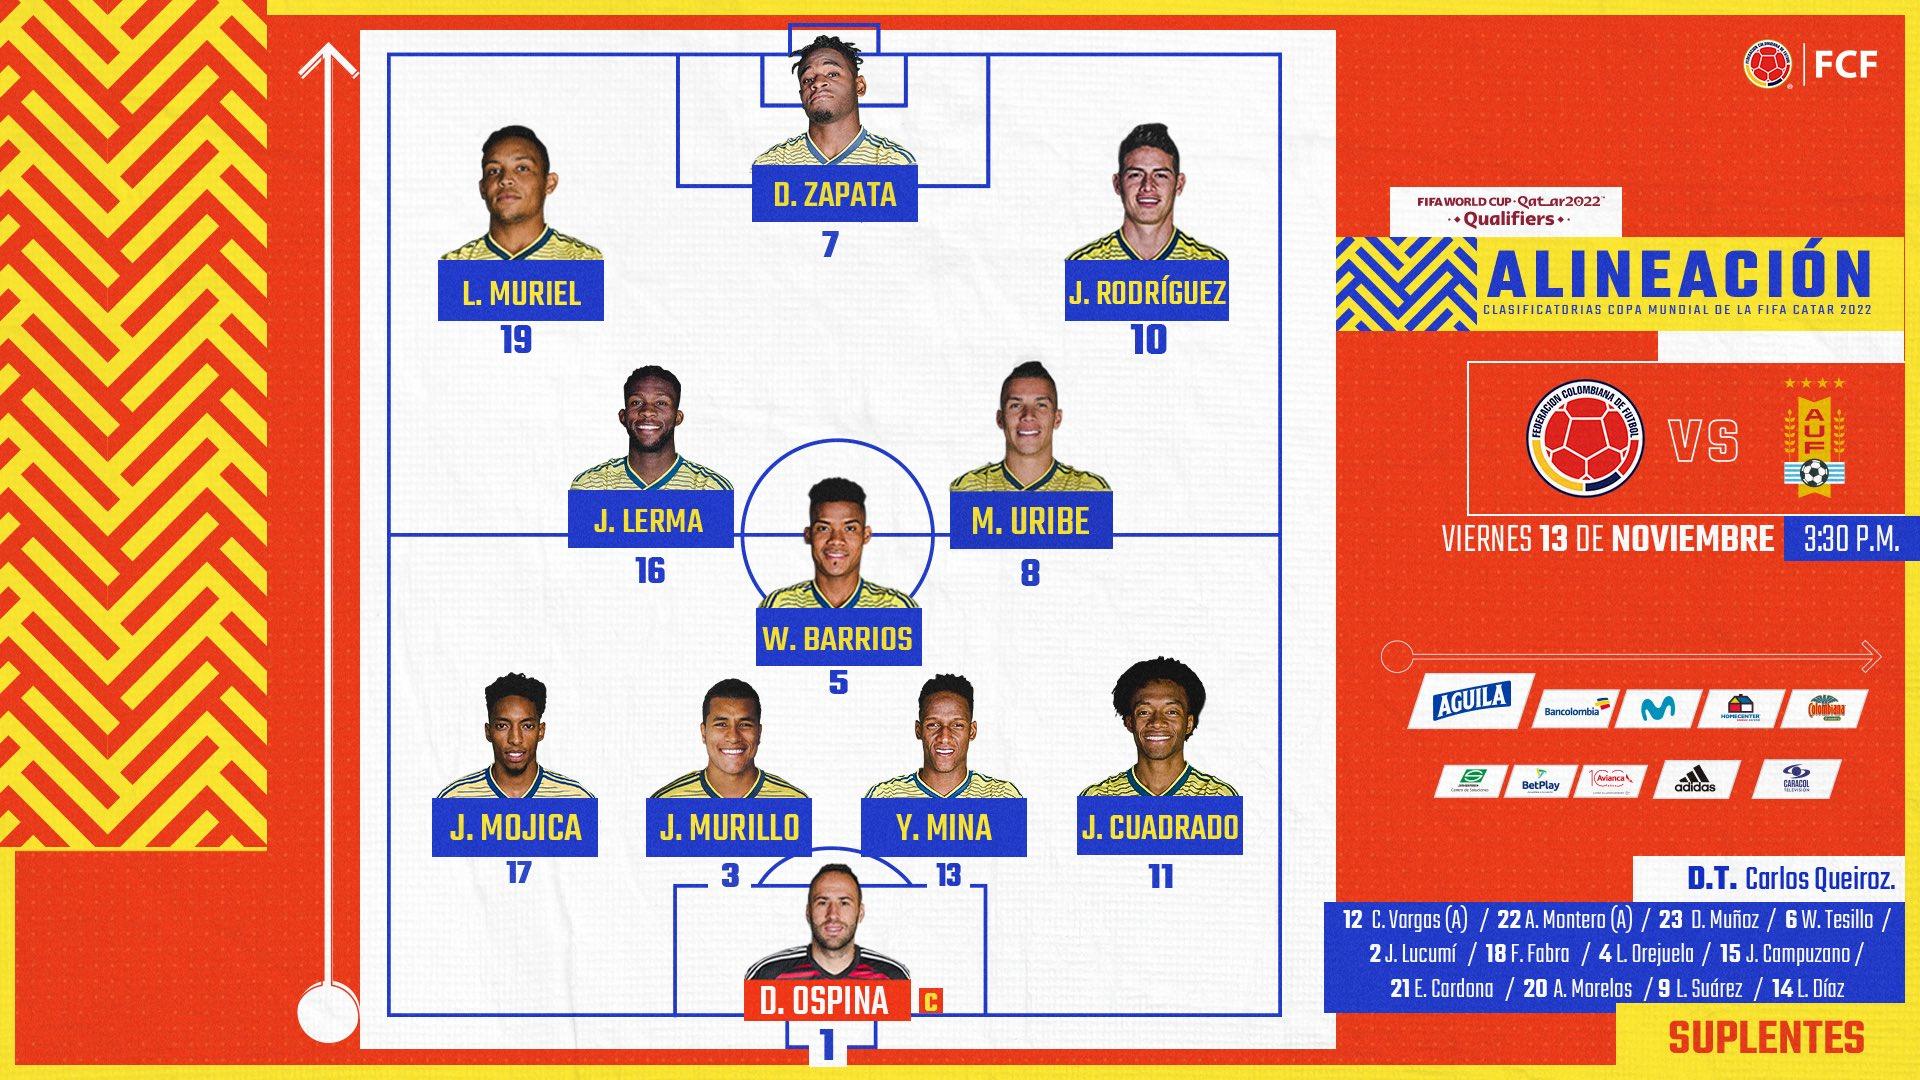 Nominas de Colombia vs Uruguay 1